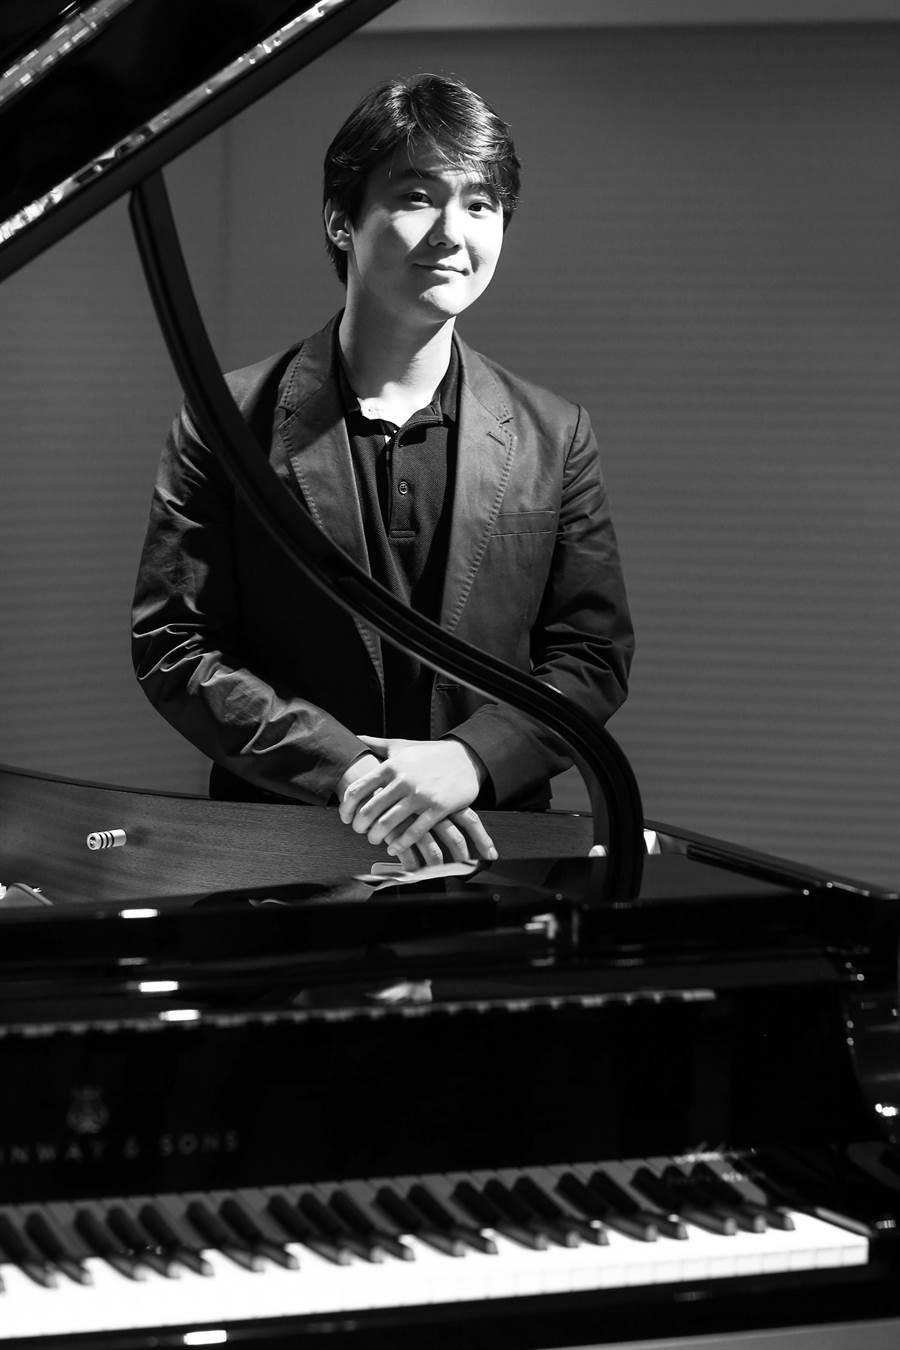 蕭邦大賽首獎得主趙成珍再次來台,將演奏印象樂派德布西作品。(鄧博仁攝)